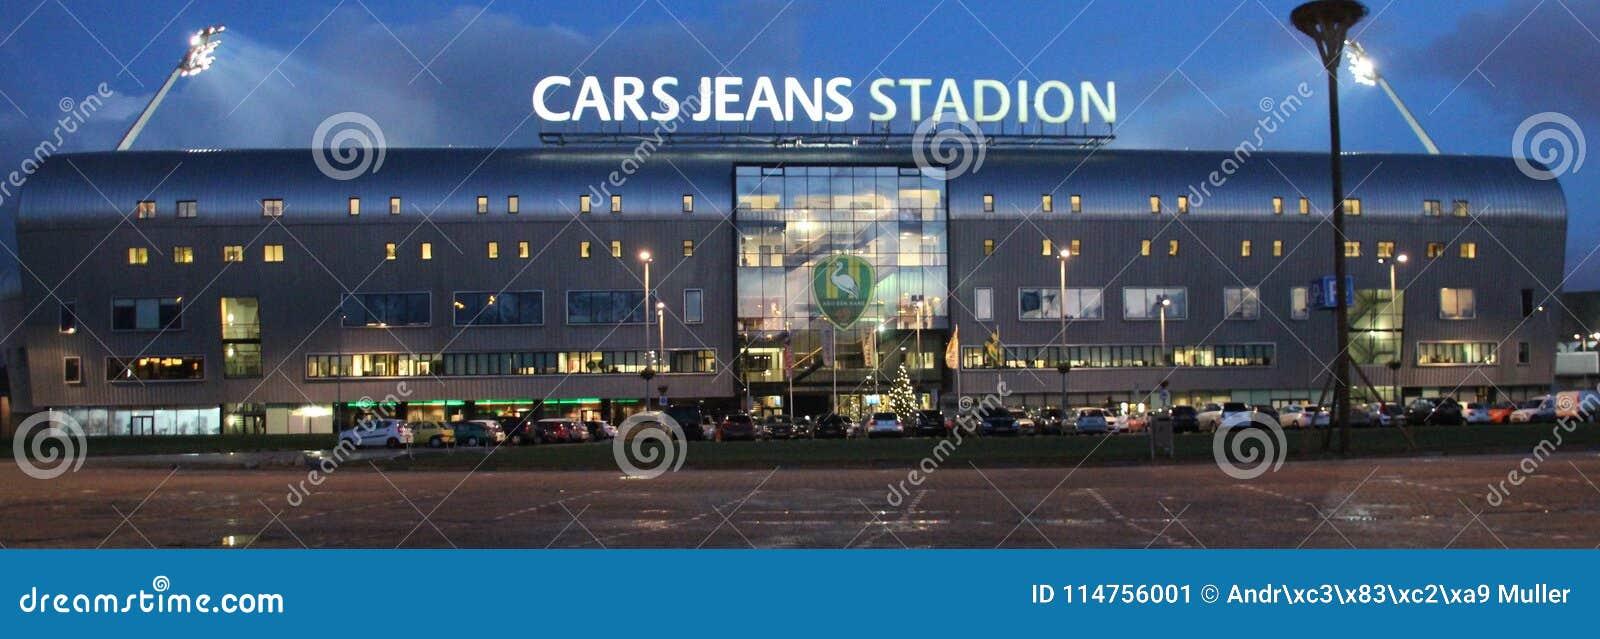 De Auto sjeans van het voetbalstadion in Den Haag, huis van DRUKTE Den Haag dat in Nederlandse Eredivisie met lichten speelt